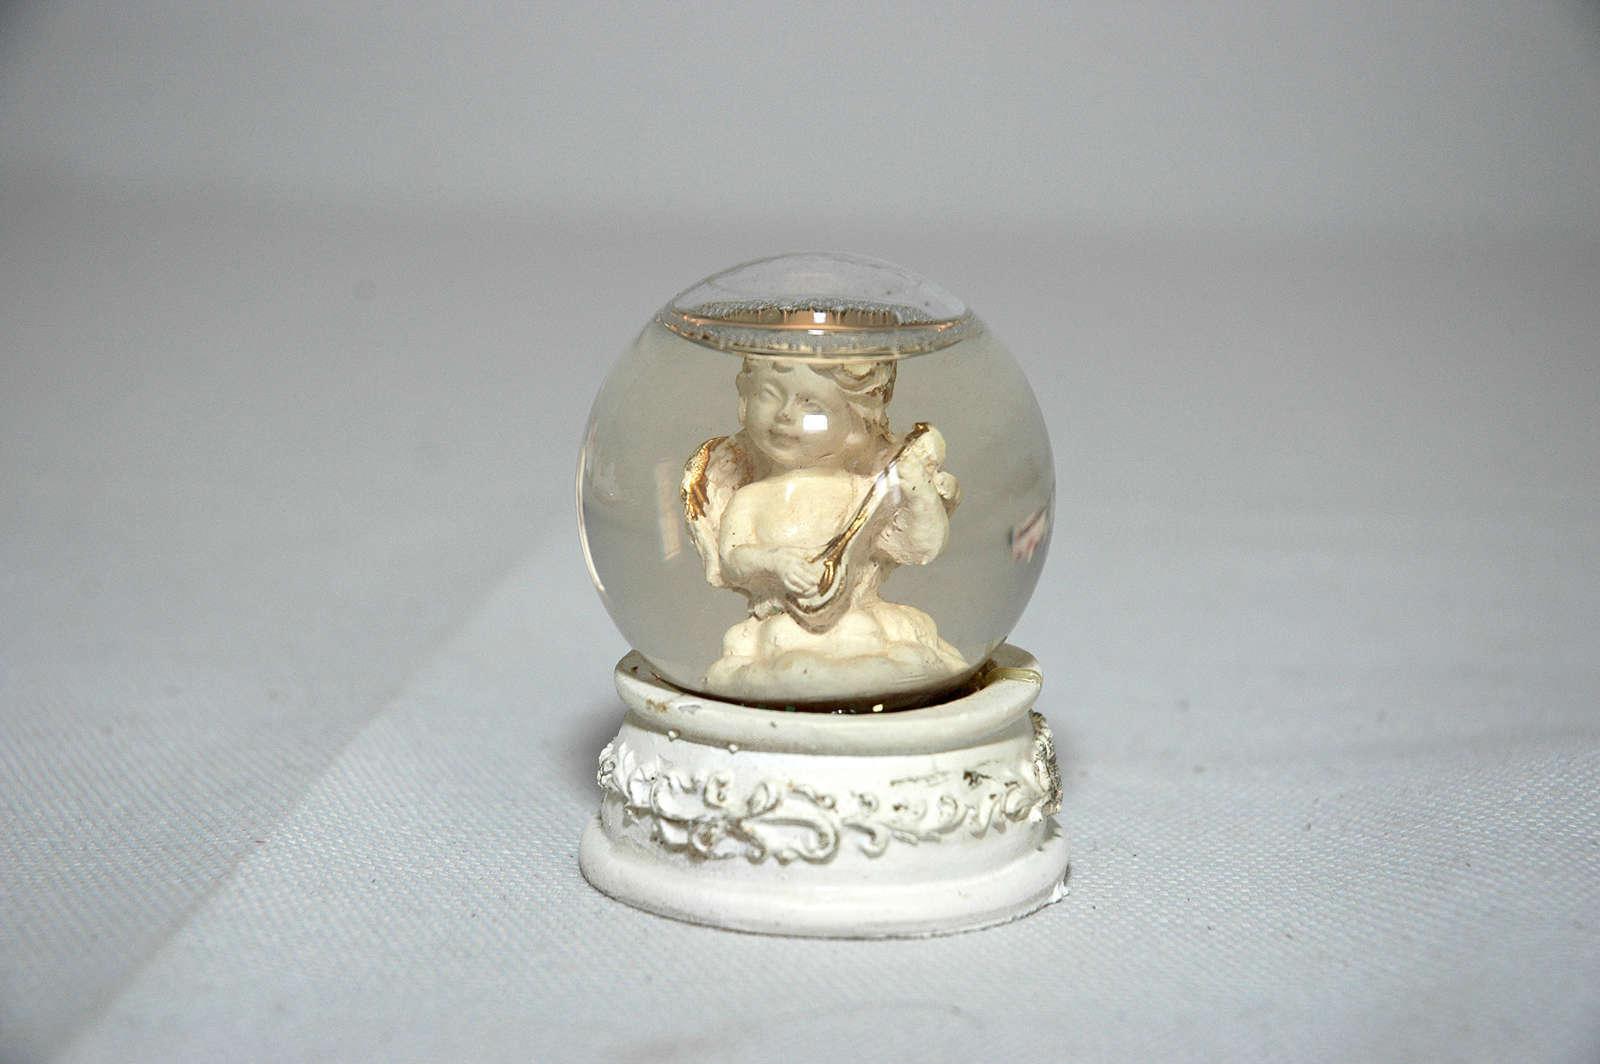 Palla sfera di vetro neve acqua per ornamento collezione angelo mandoloncello